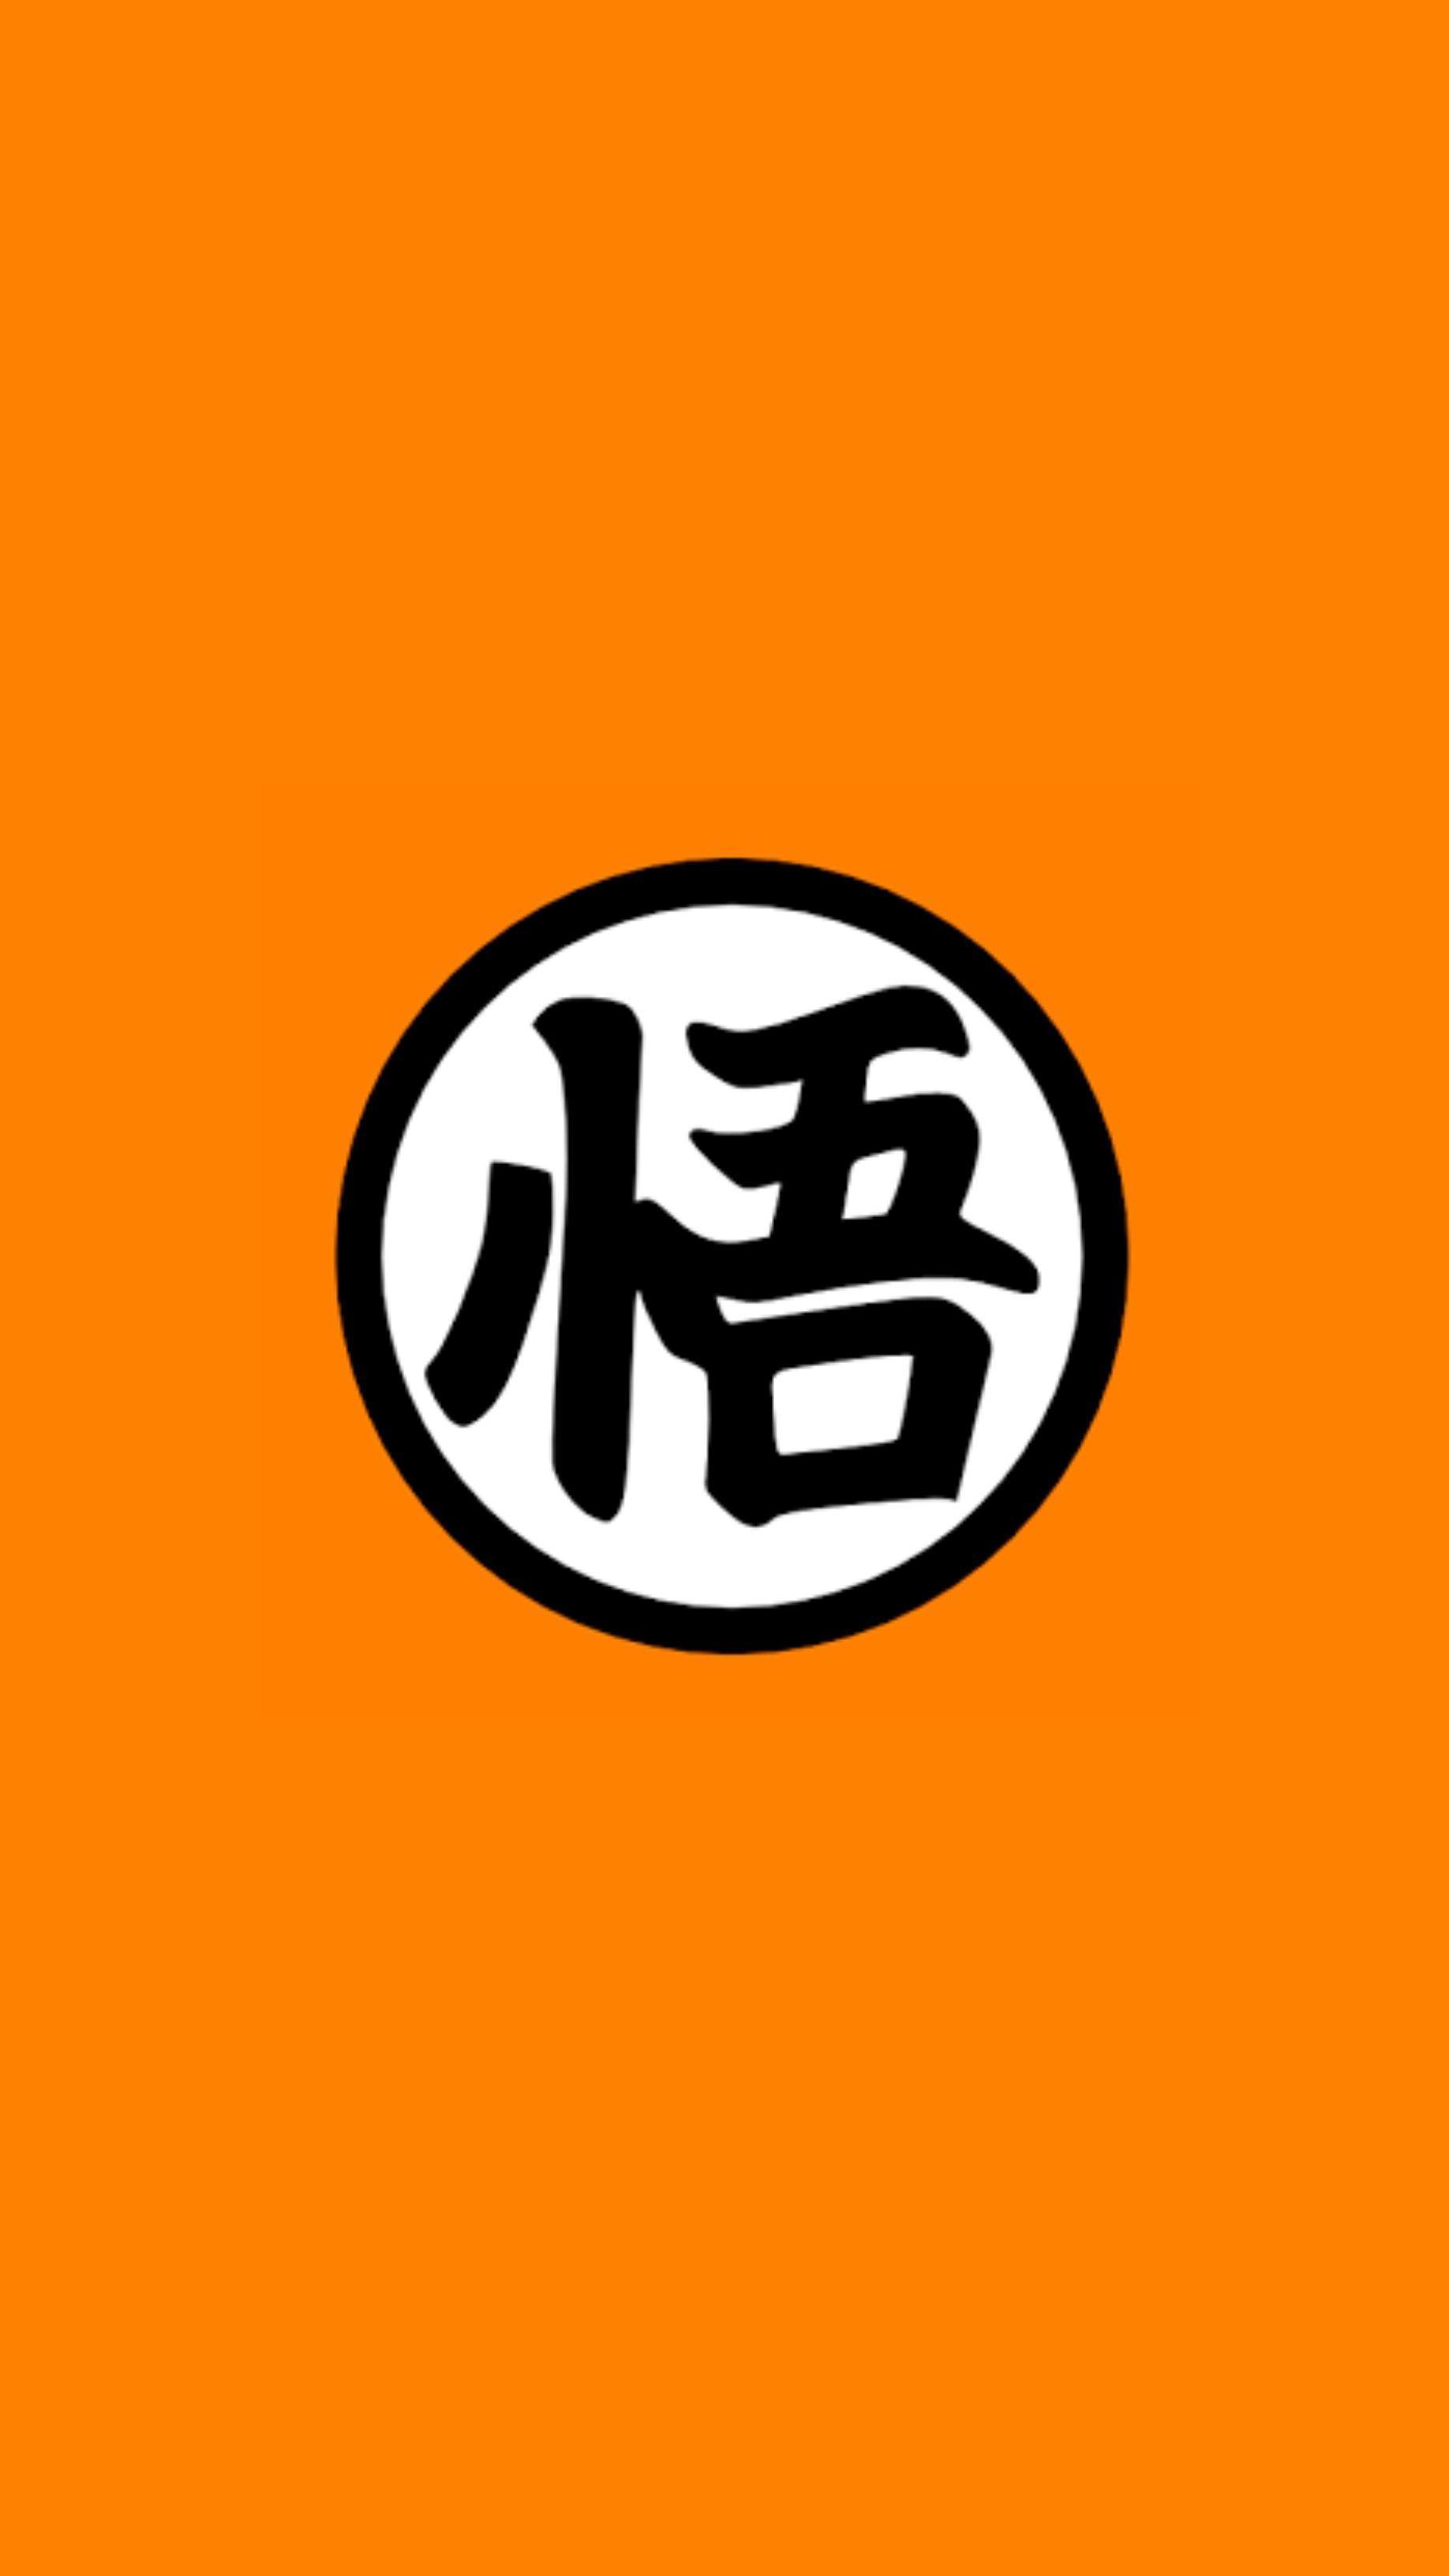 Roshi Goku Symbol Iphone Wallpapers Top Free Roshi Goku